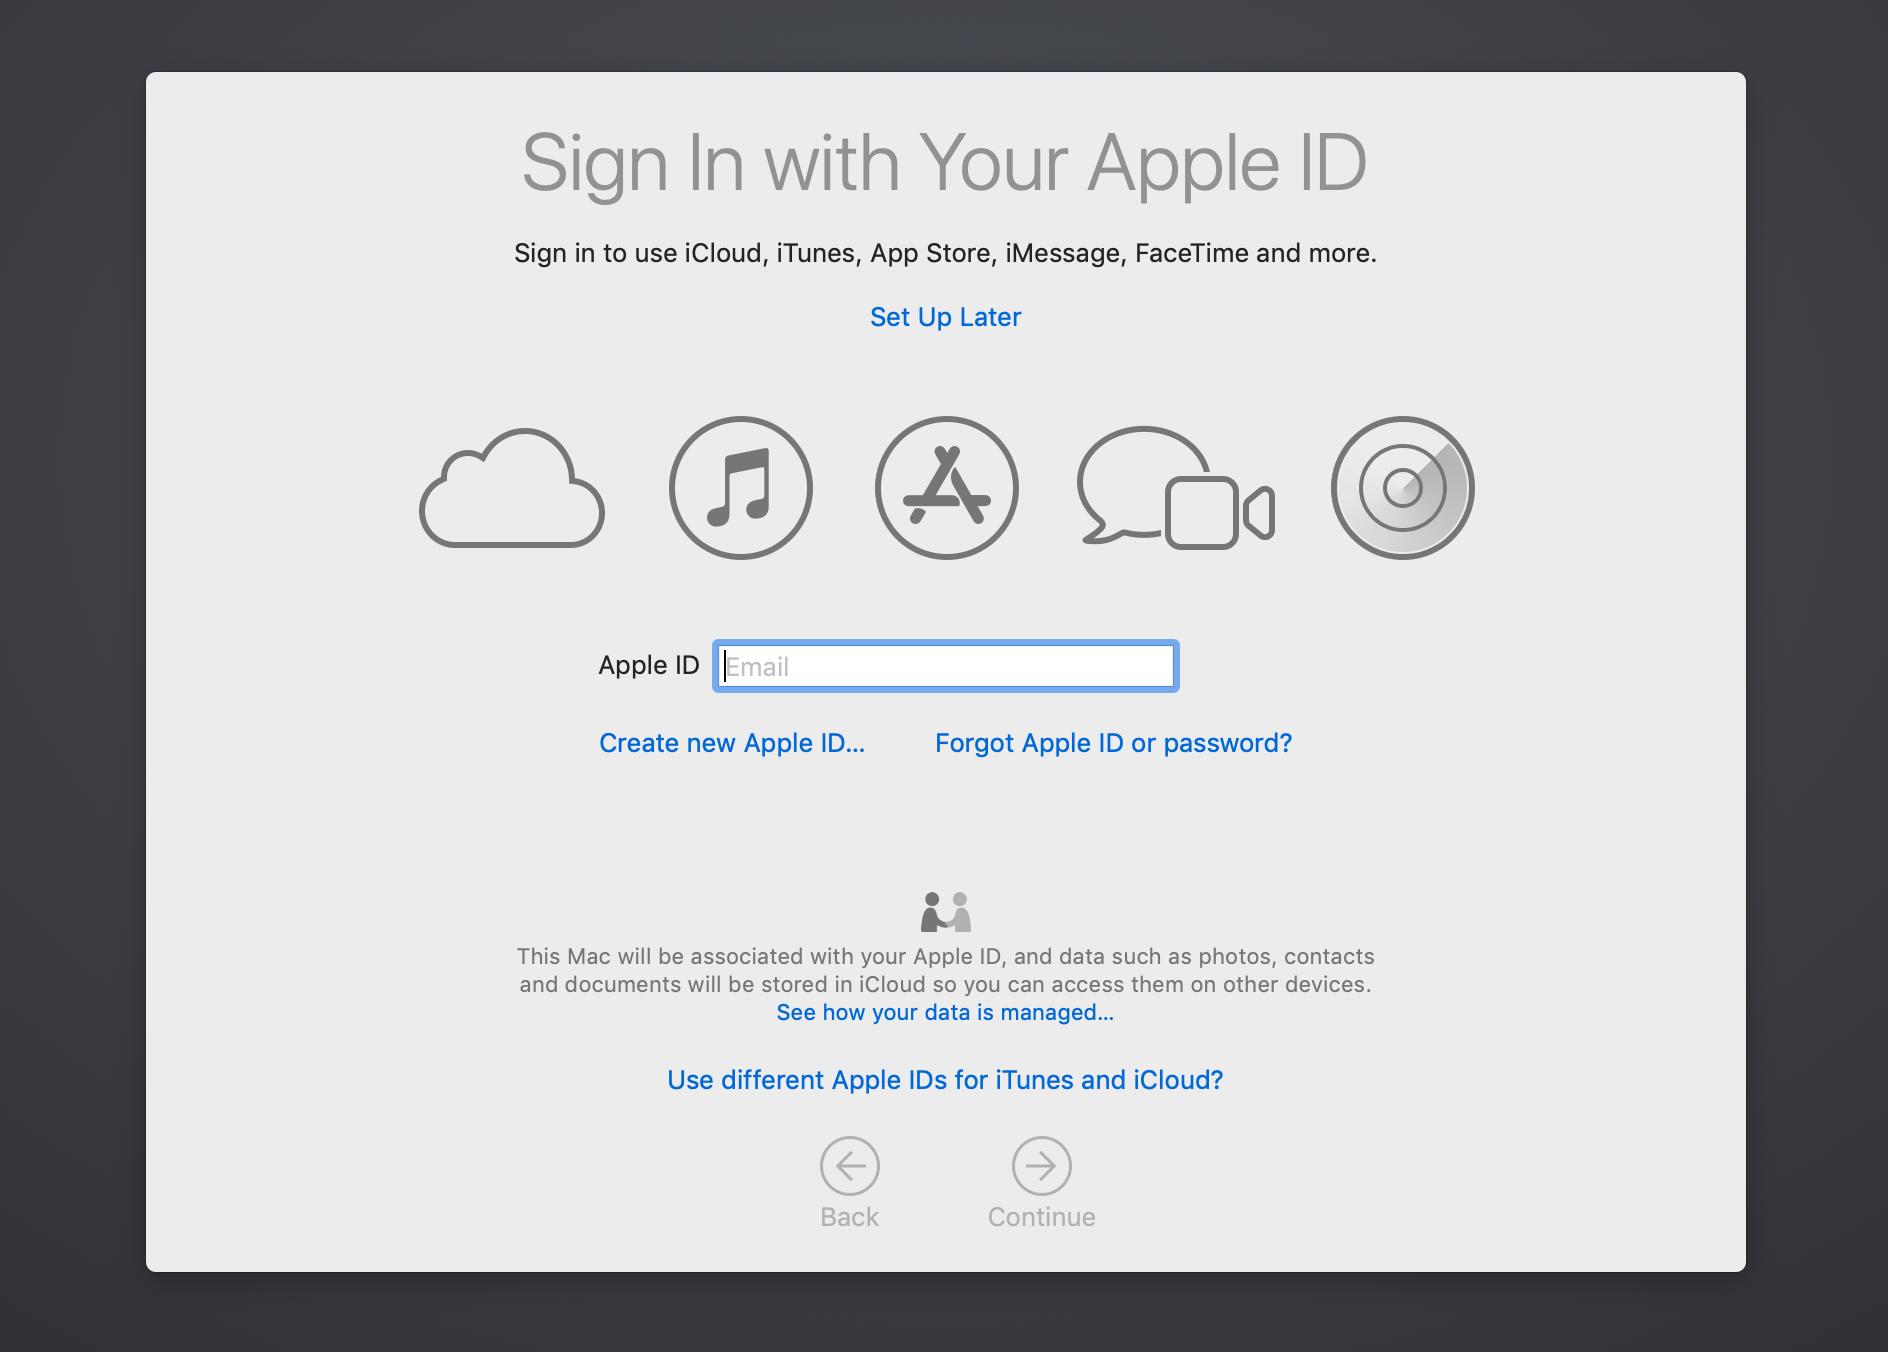 configurar una nueva mac